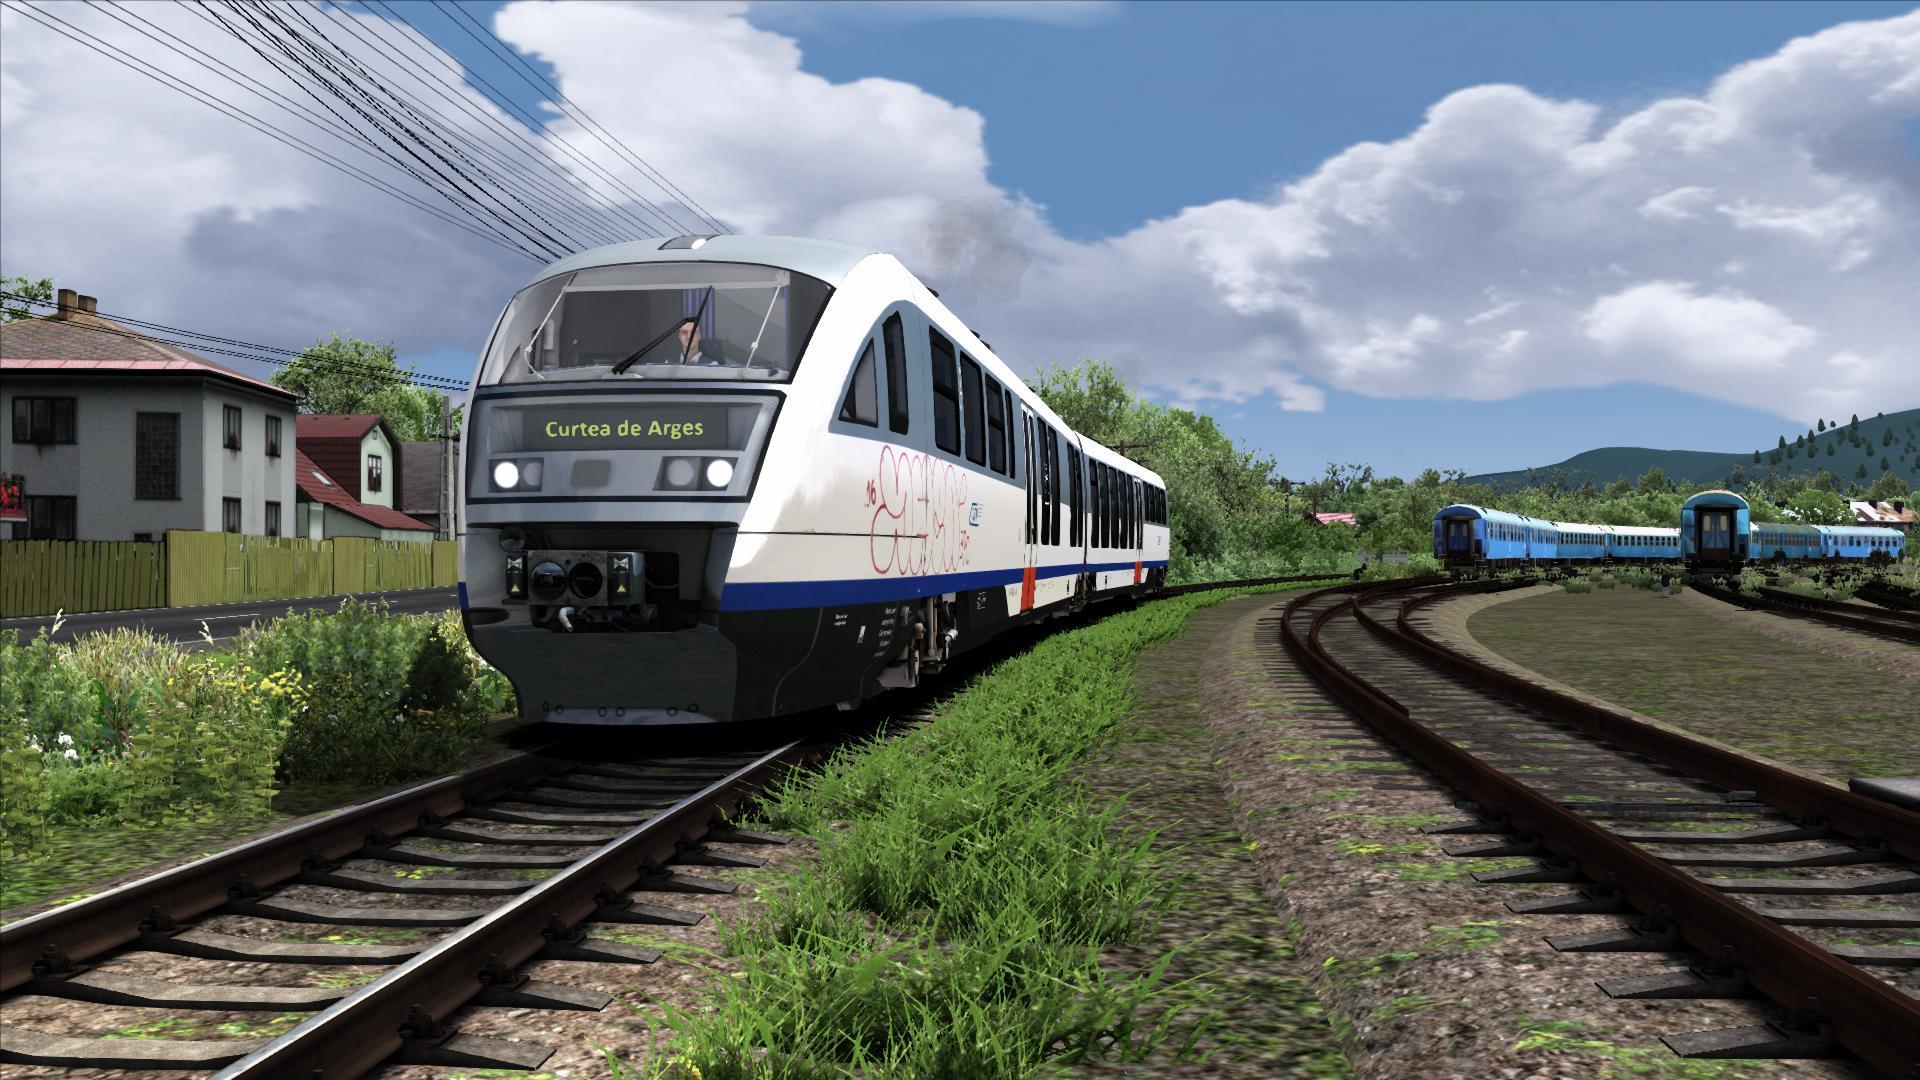 Railworks64 2020-06-20 02-55-53-30